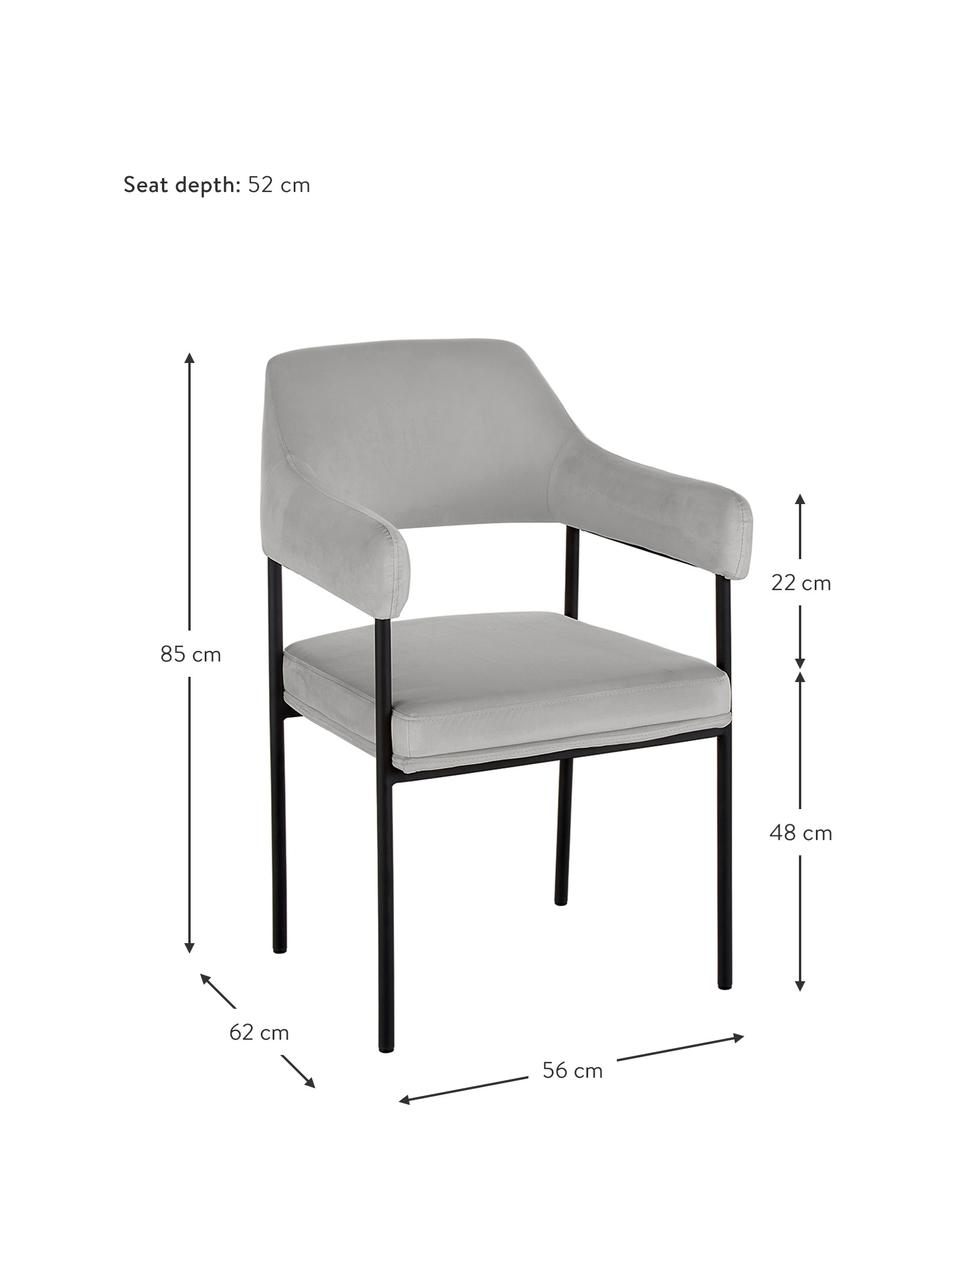 Krzesło z podłokietnikami z aksamitu Zoe, Tapicerka: aksamit (poliester) Dzięk, Stelaż: metal malowany proszkowo, Aksamitny szary, S 56 x G 62 cm